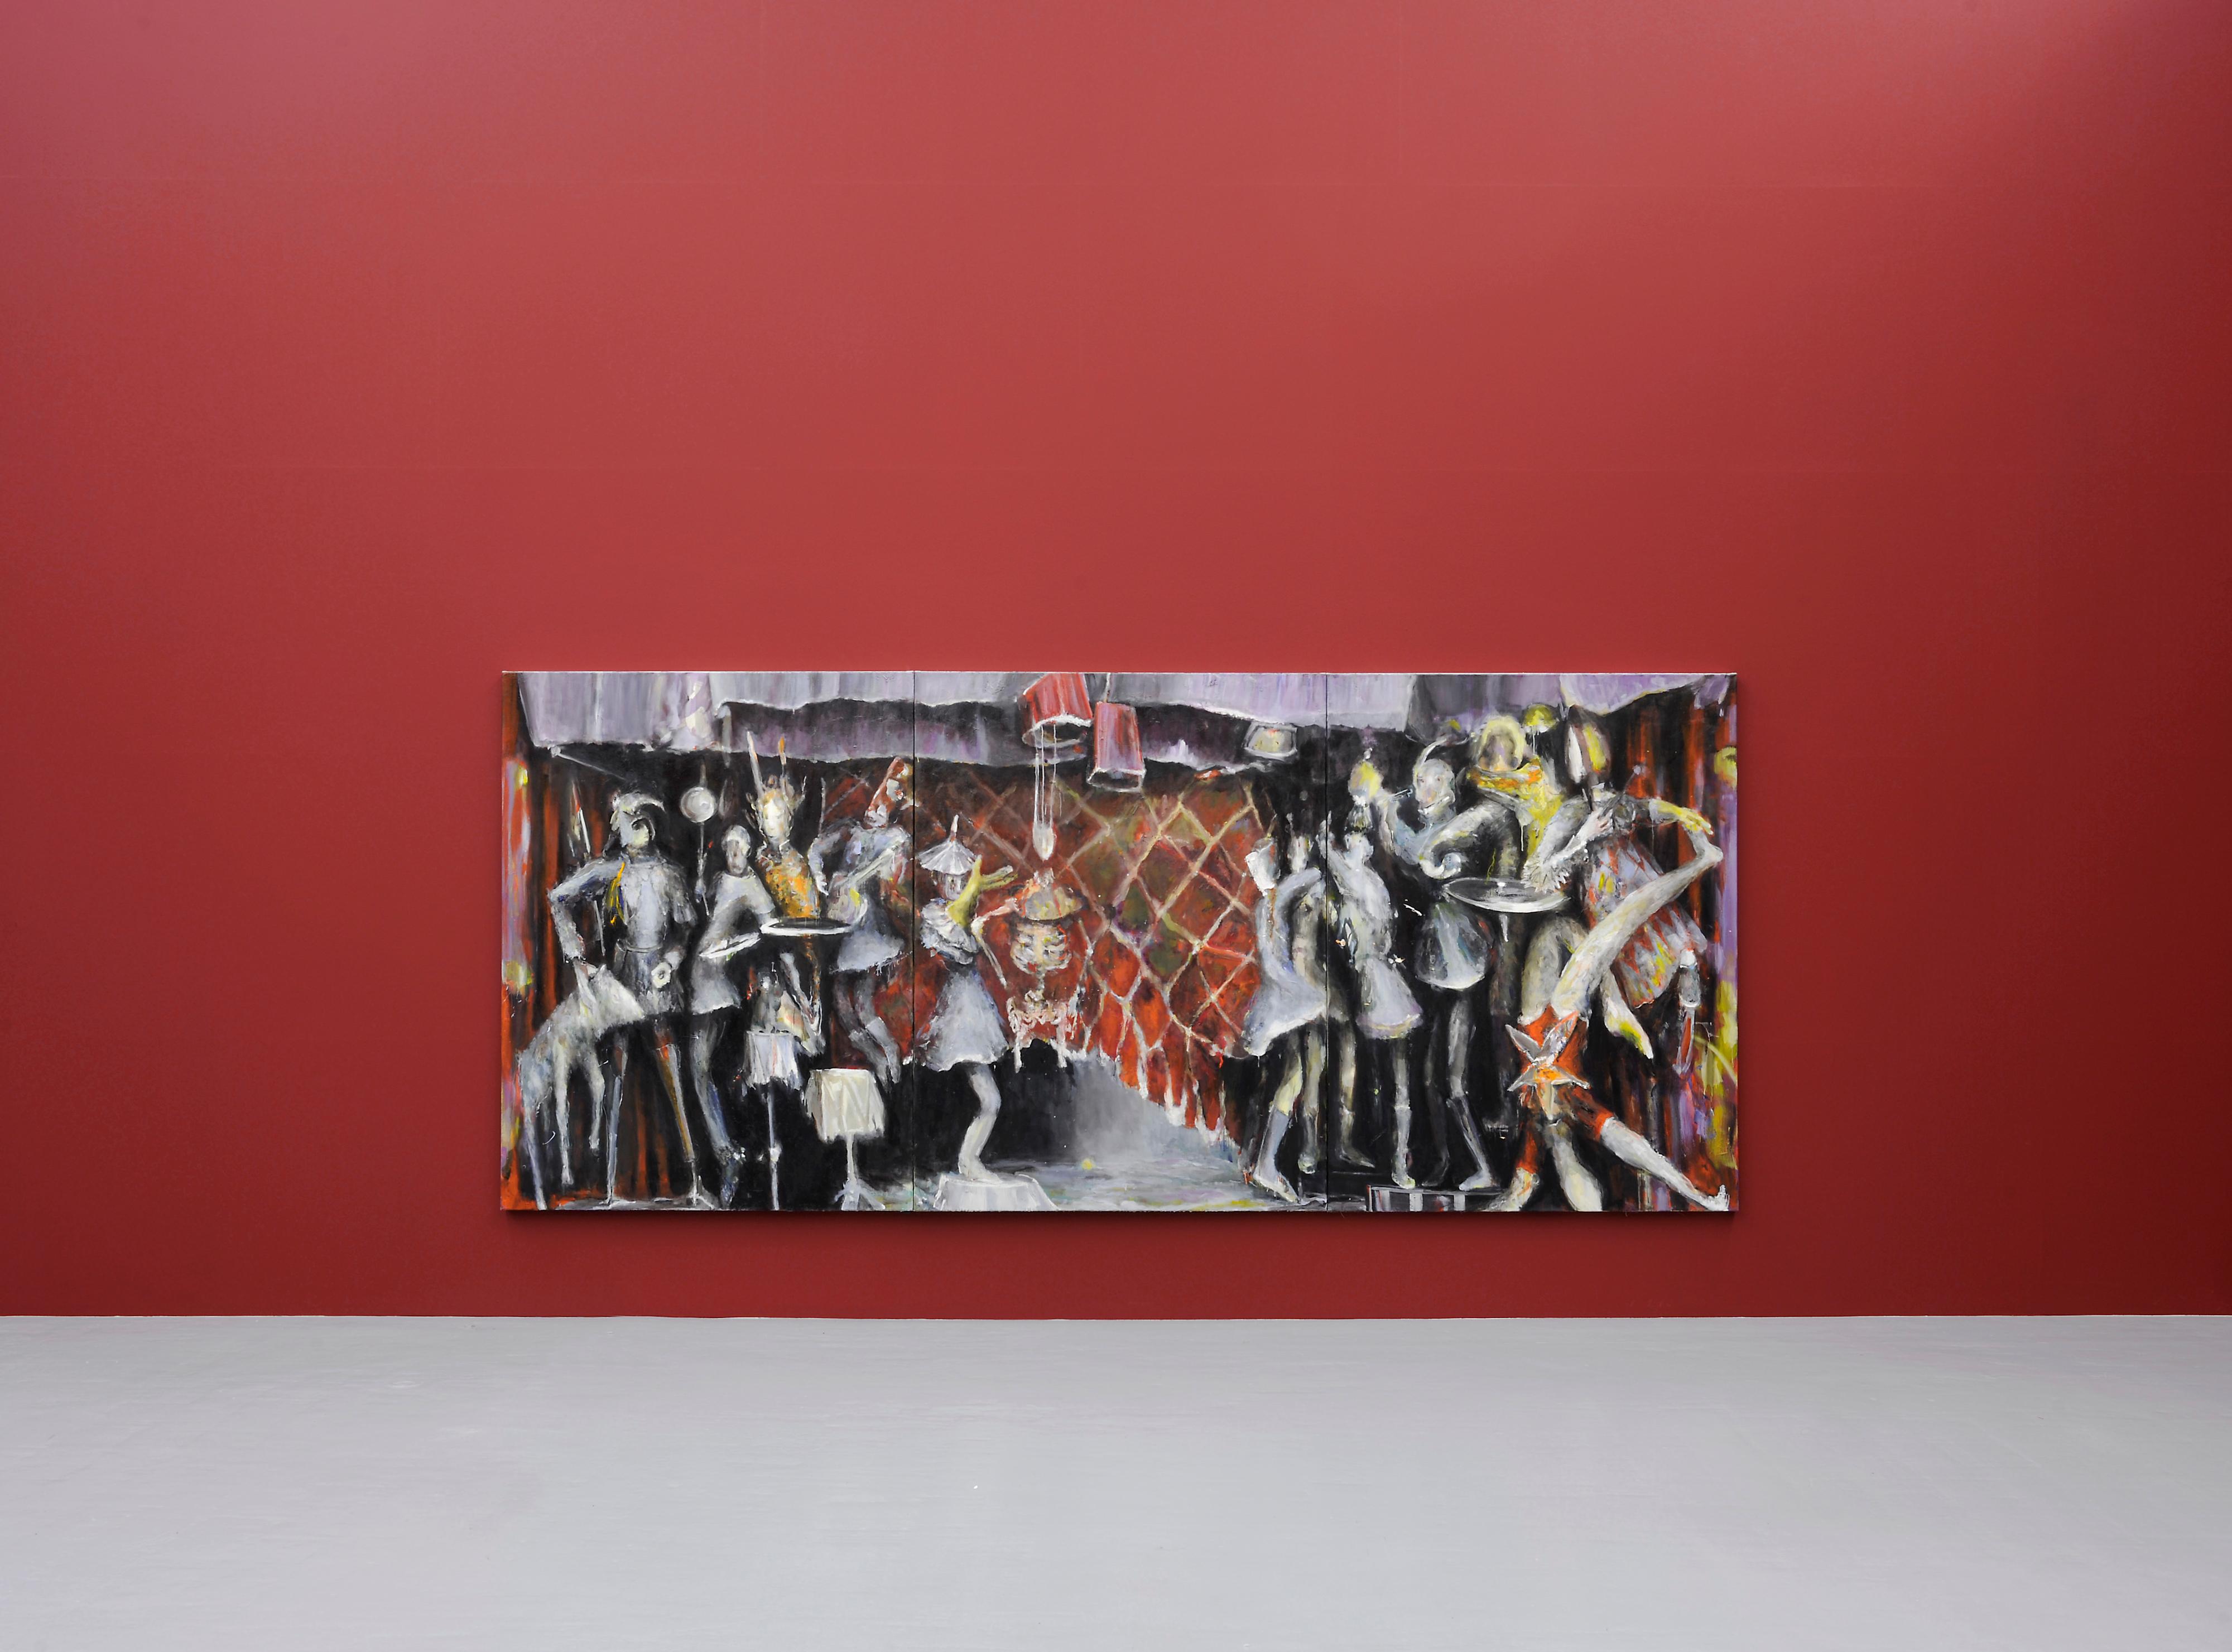 Galerie Barbara Thumm \ Valérie Favre – La première nuit du monde